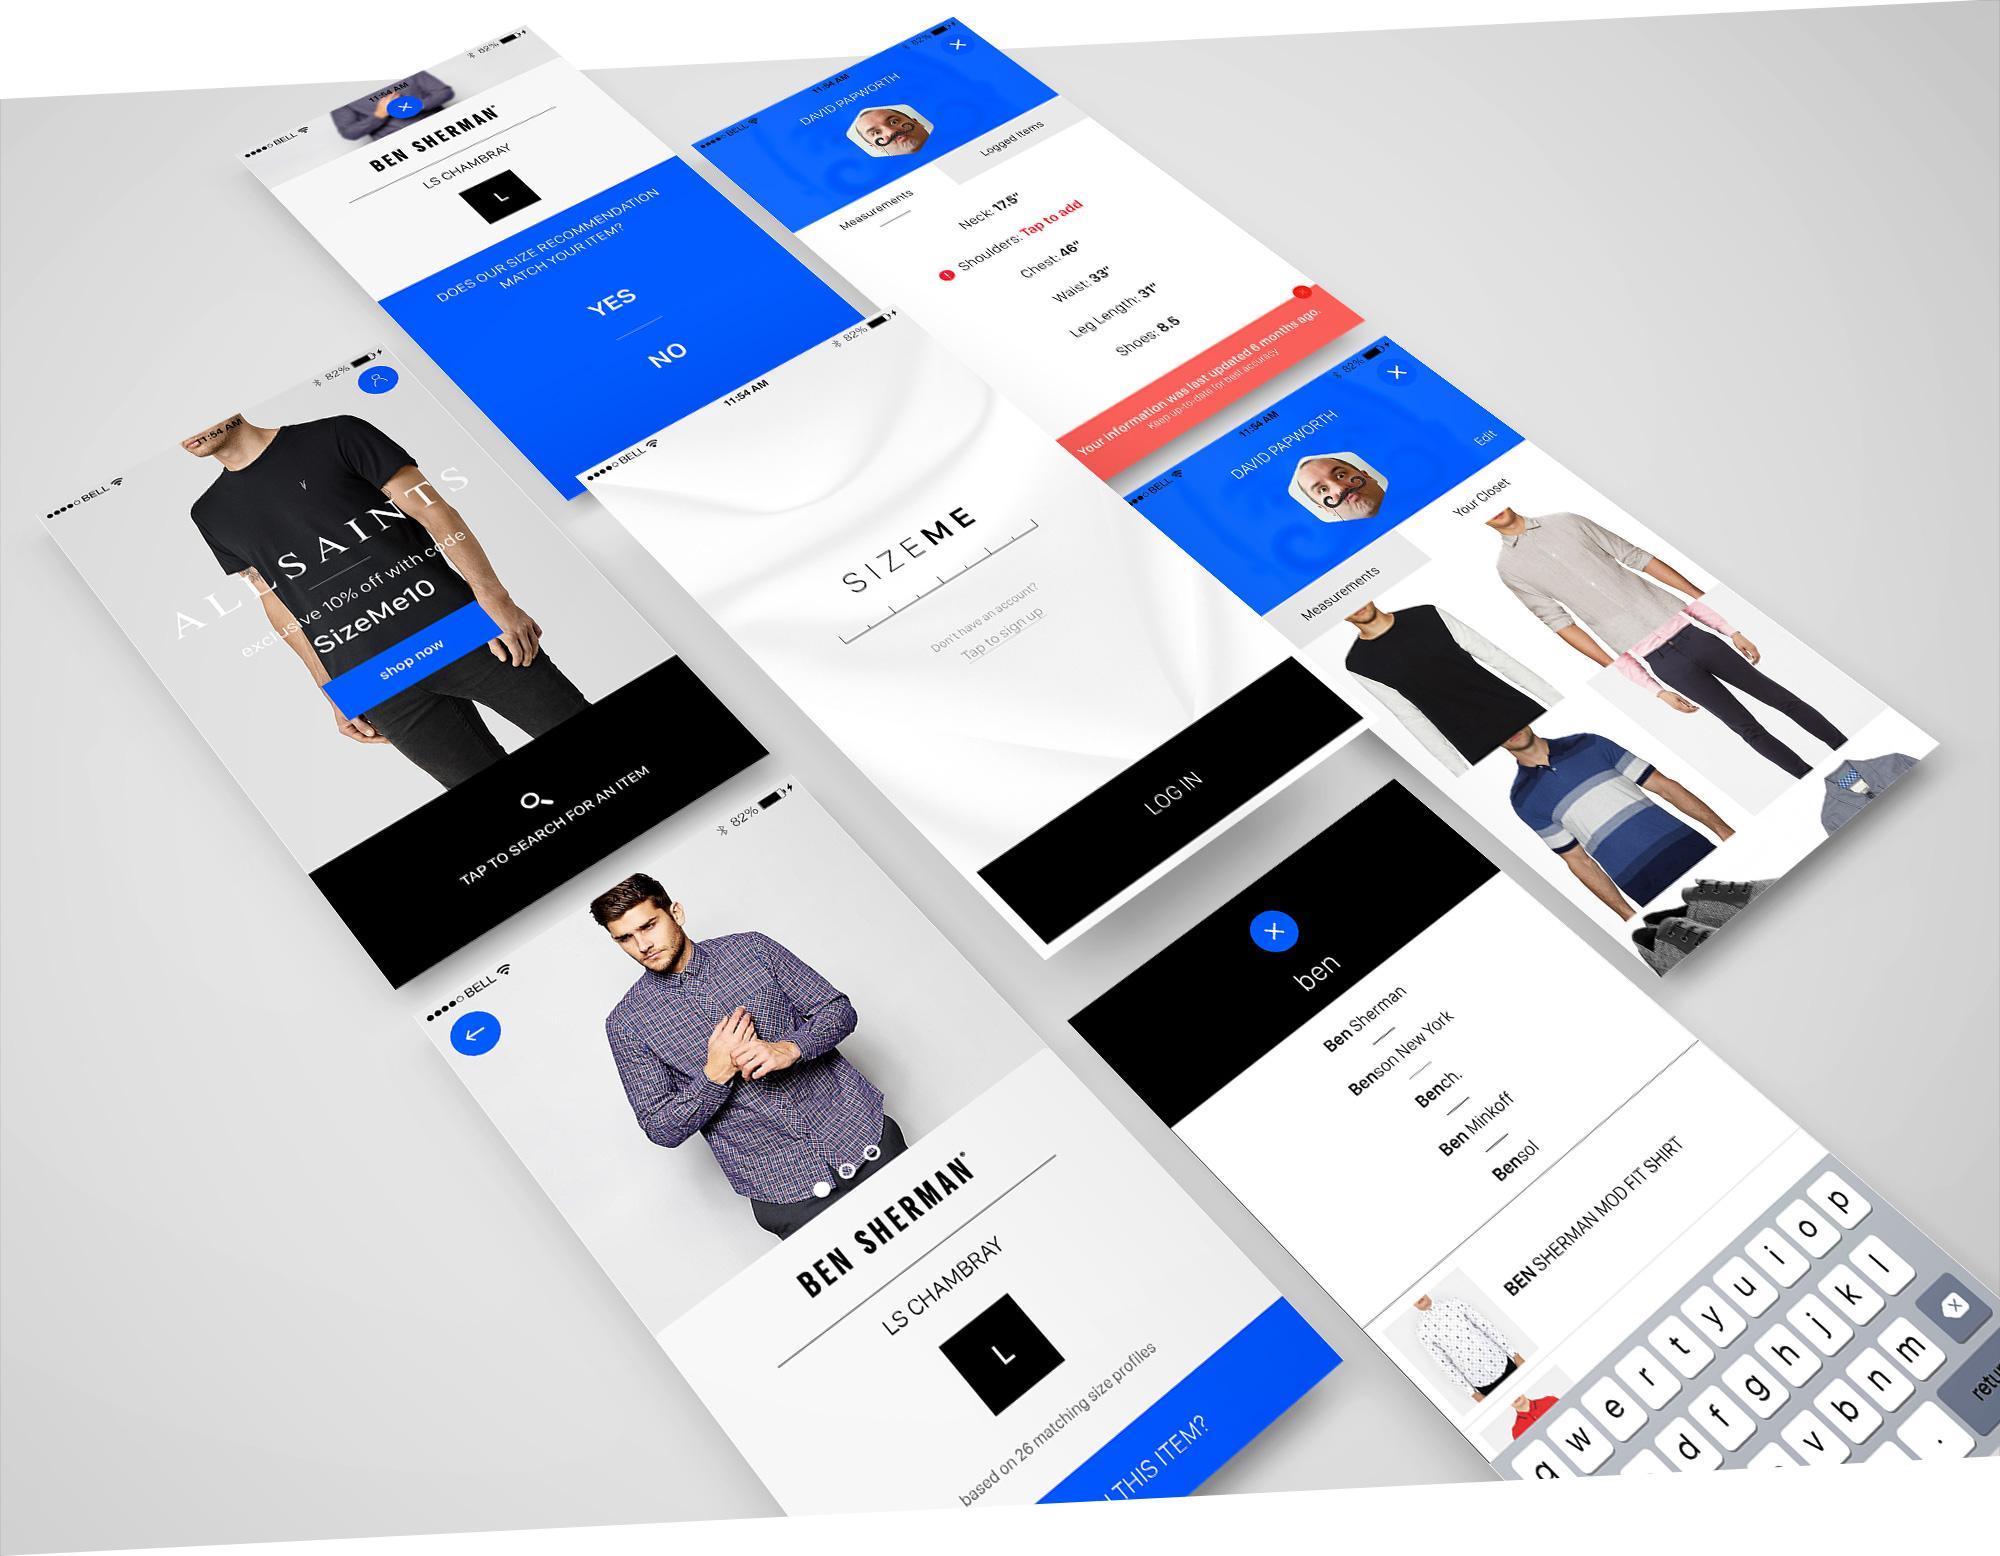 app_screens